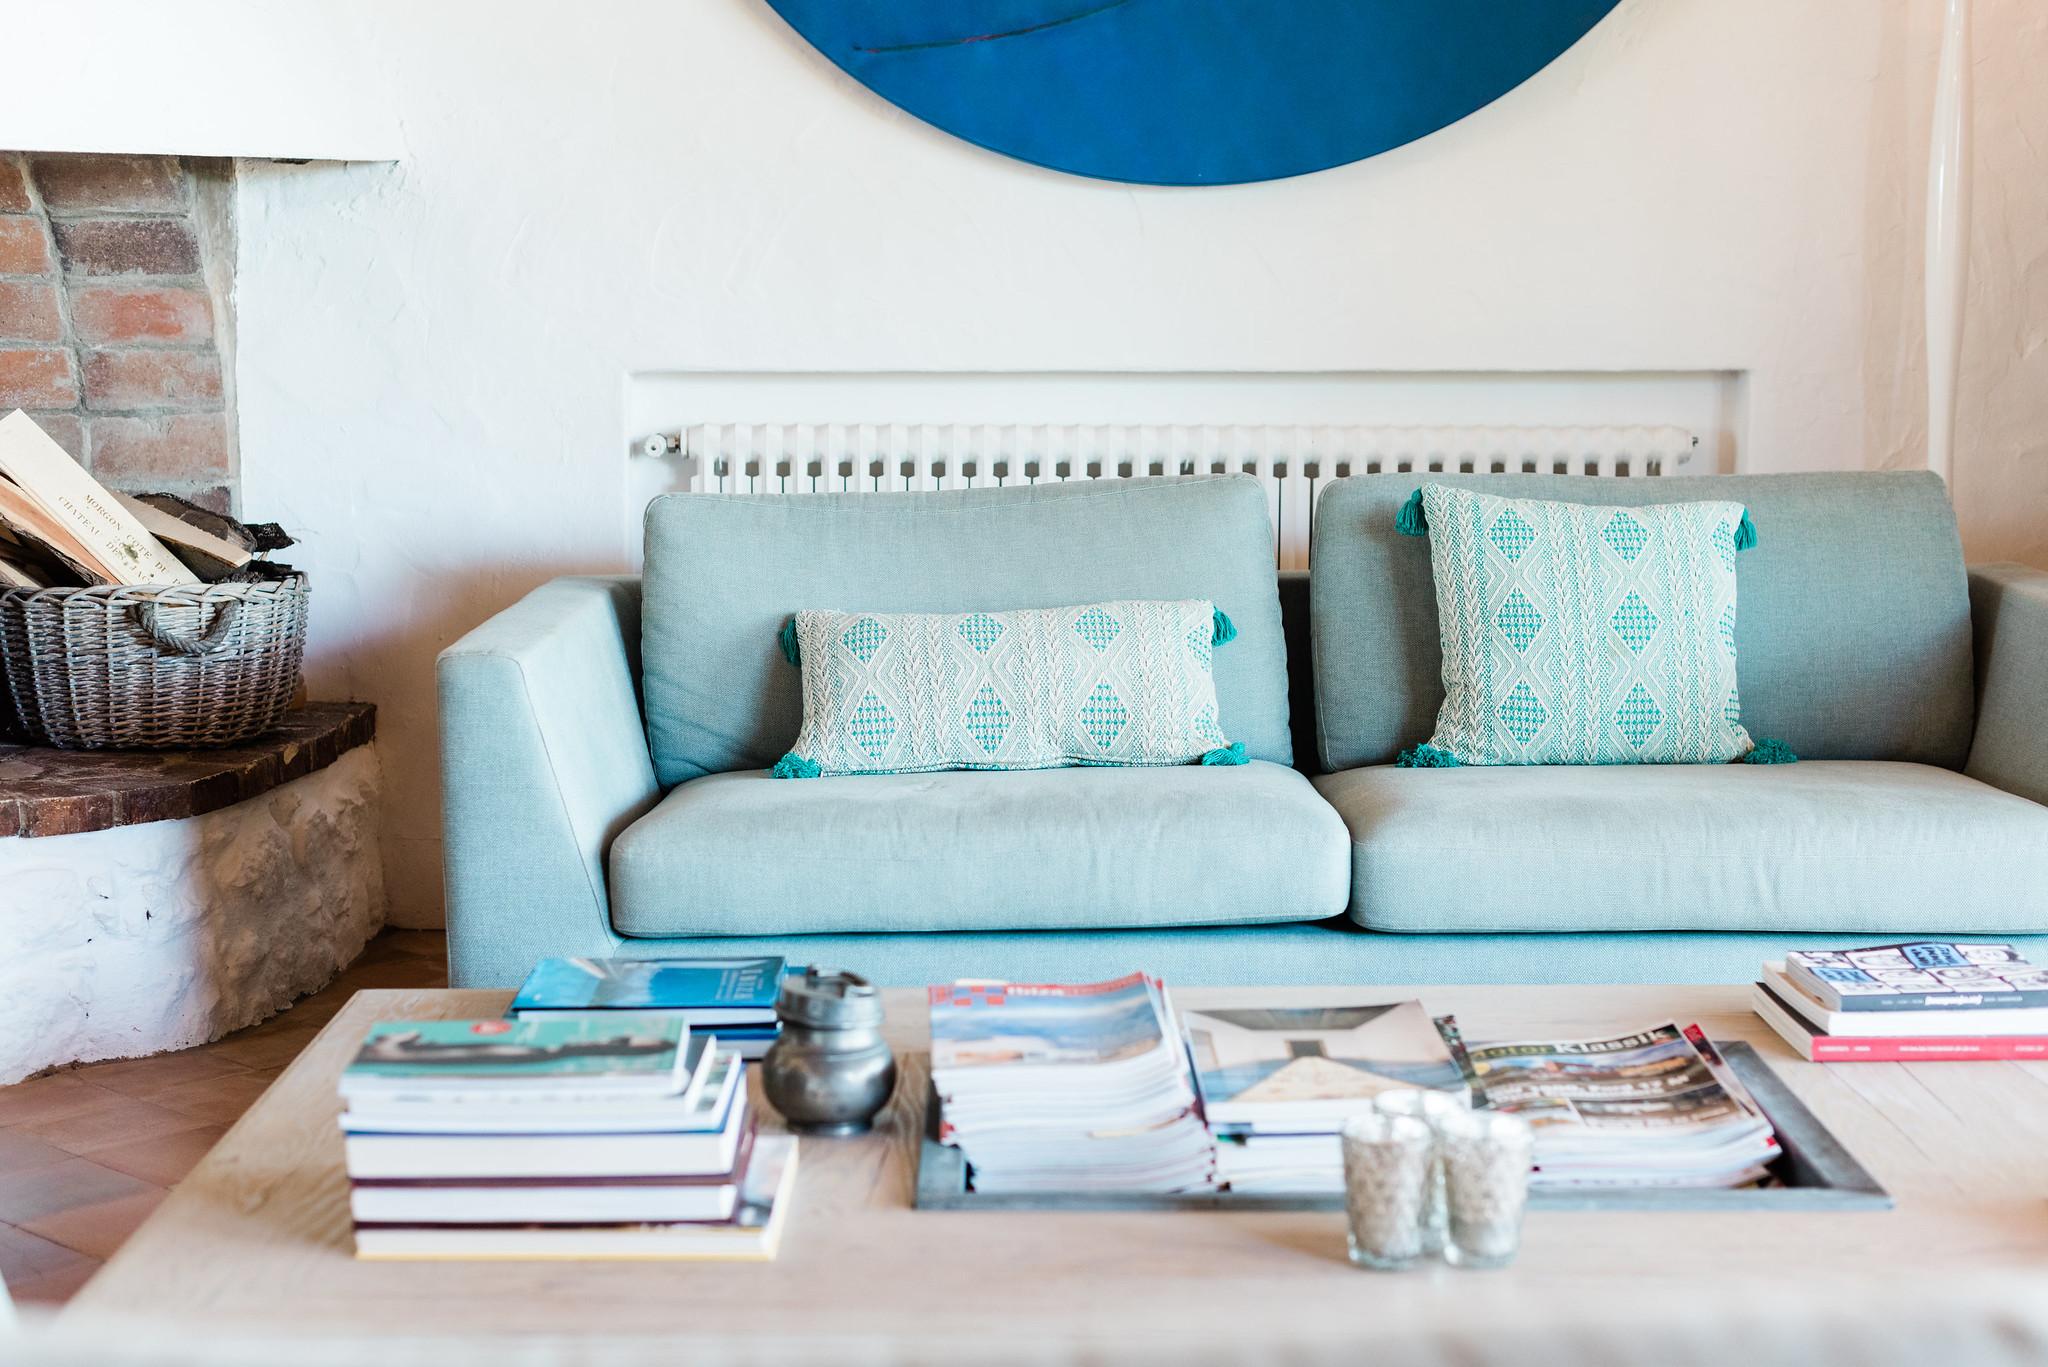 https://www.white-ibiza.com/wp-content/uploads/2020/06/white-ibiza-villas-villa-andrea-interior-living-room.jpg